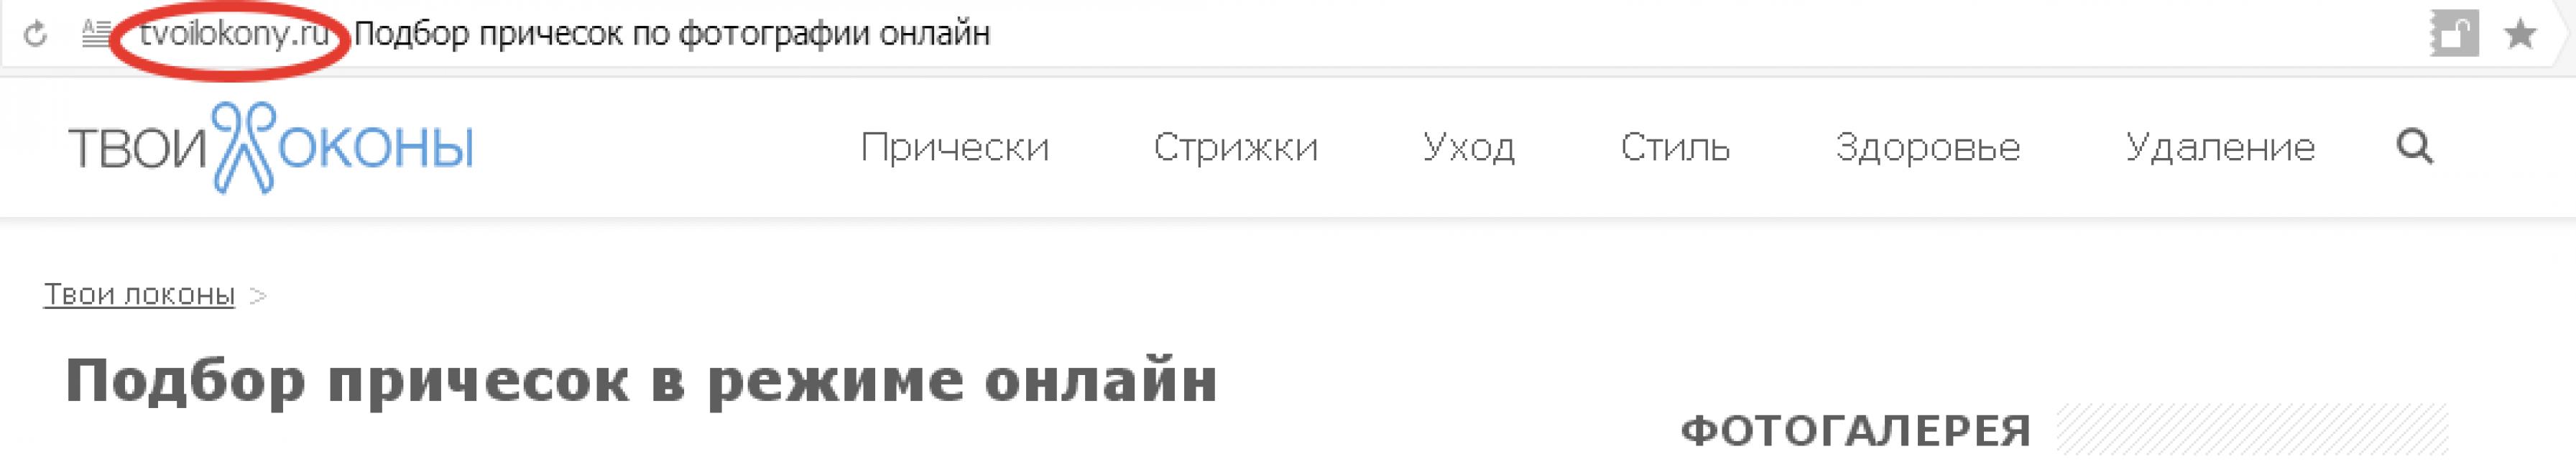 Переход на сайт Tvoi Lokony